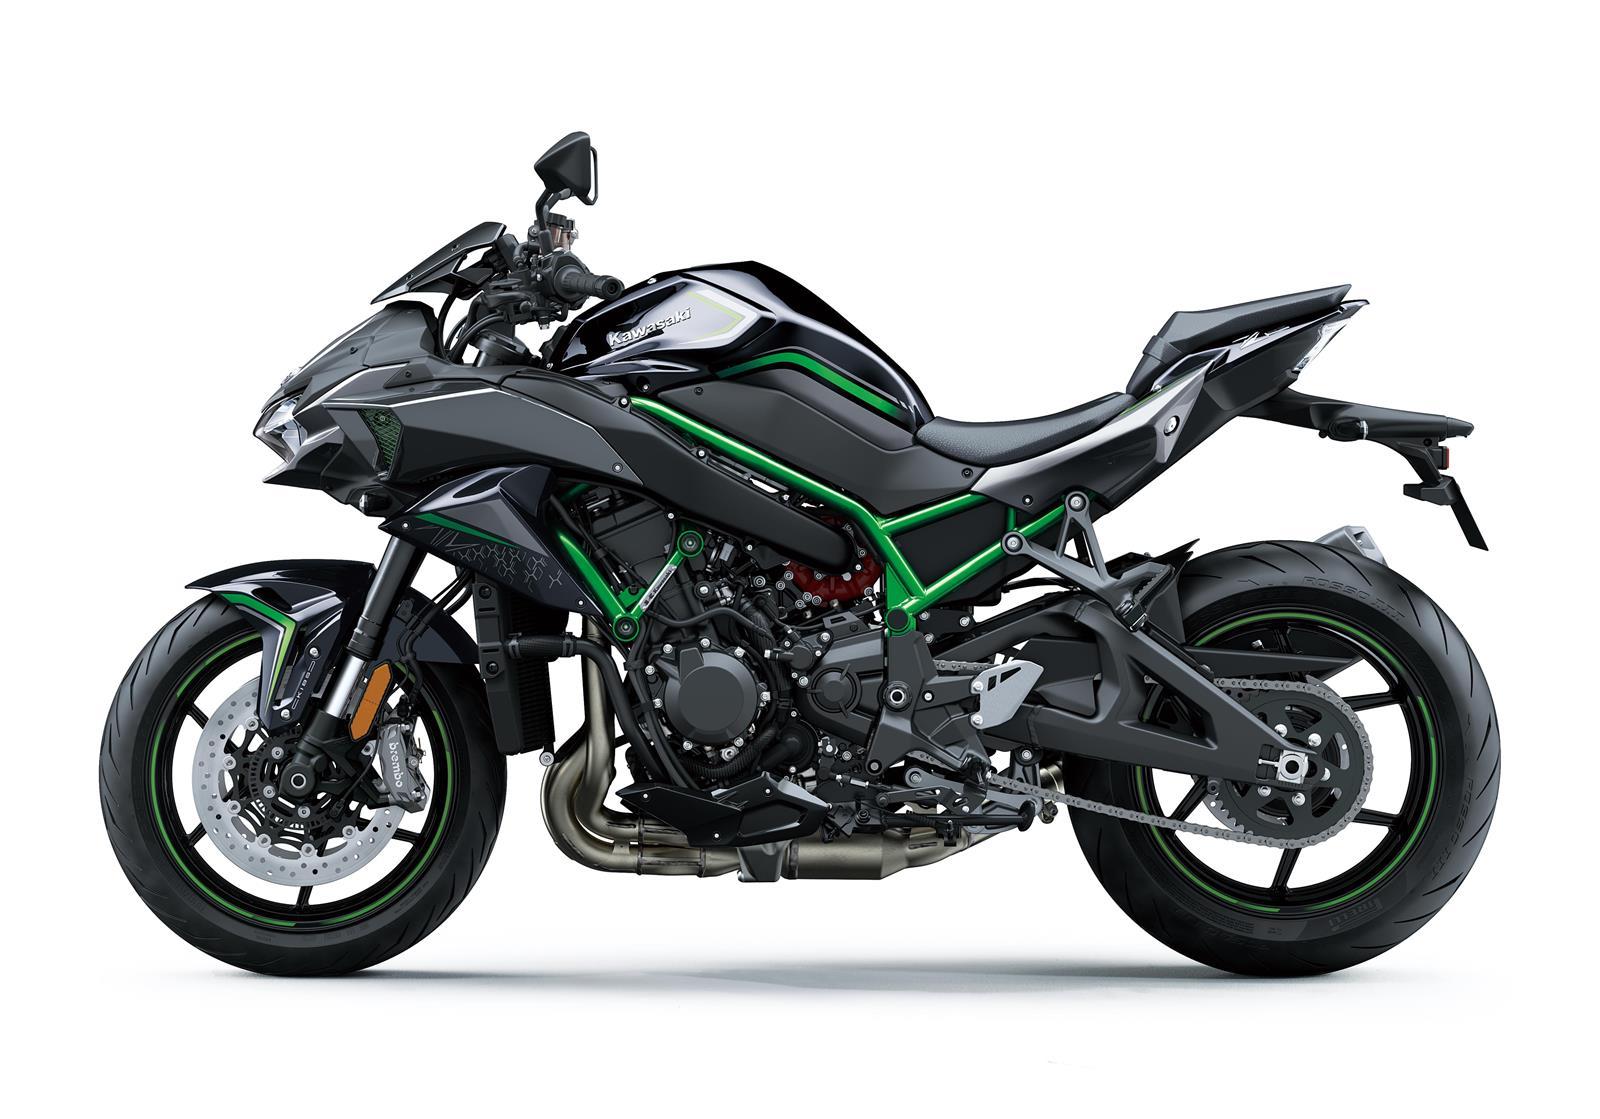 Negro chasis verde